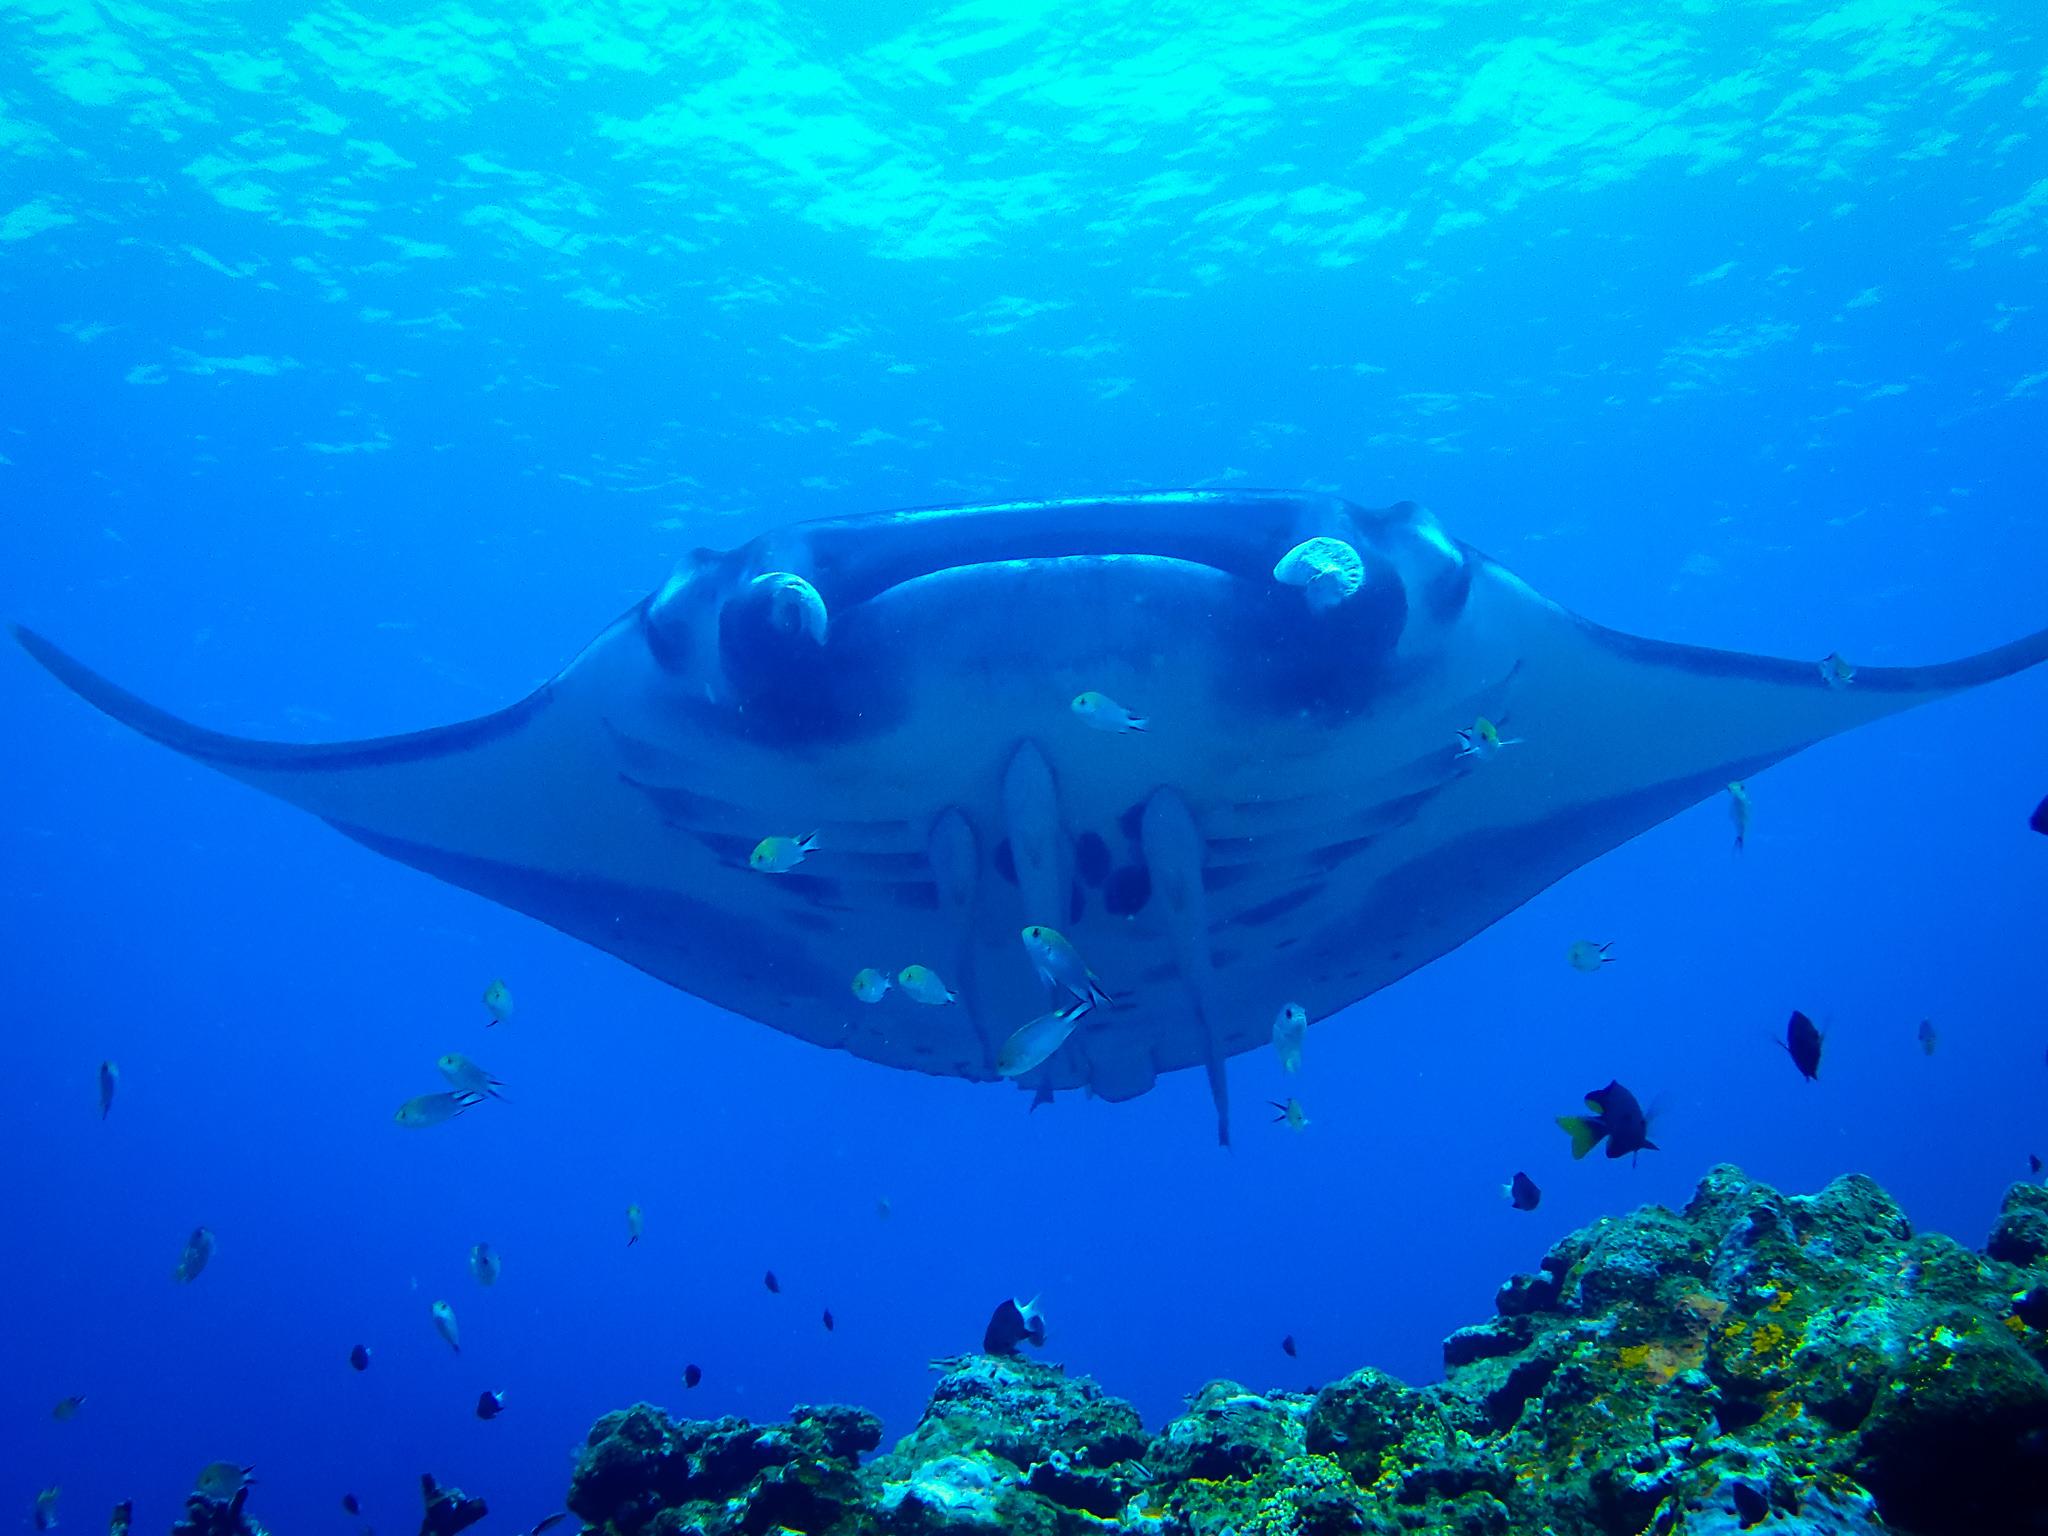 石垣島のダイビングではマンタの群れも見れる